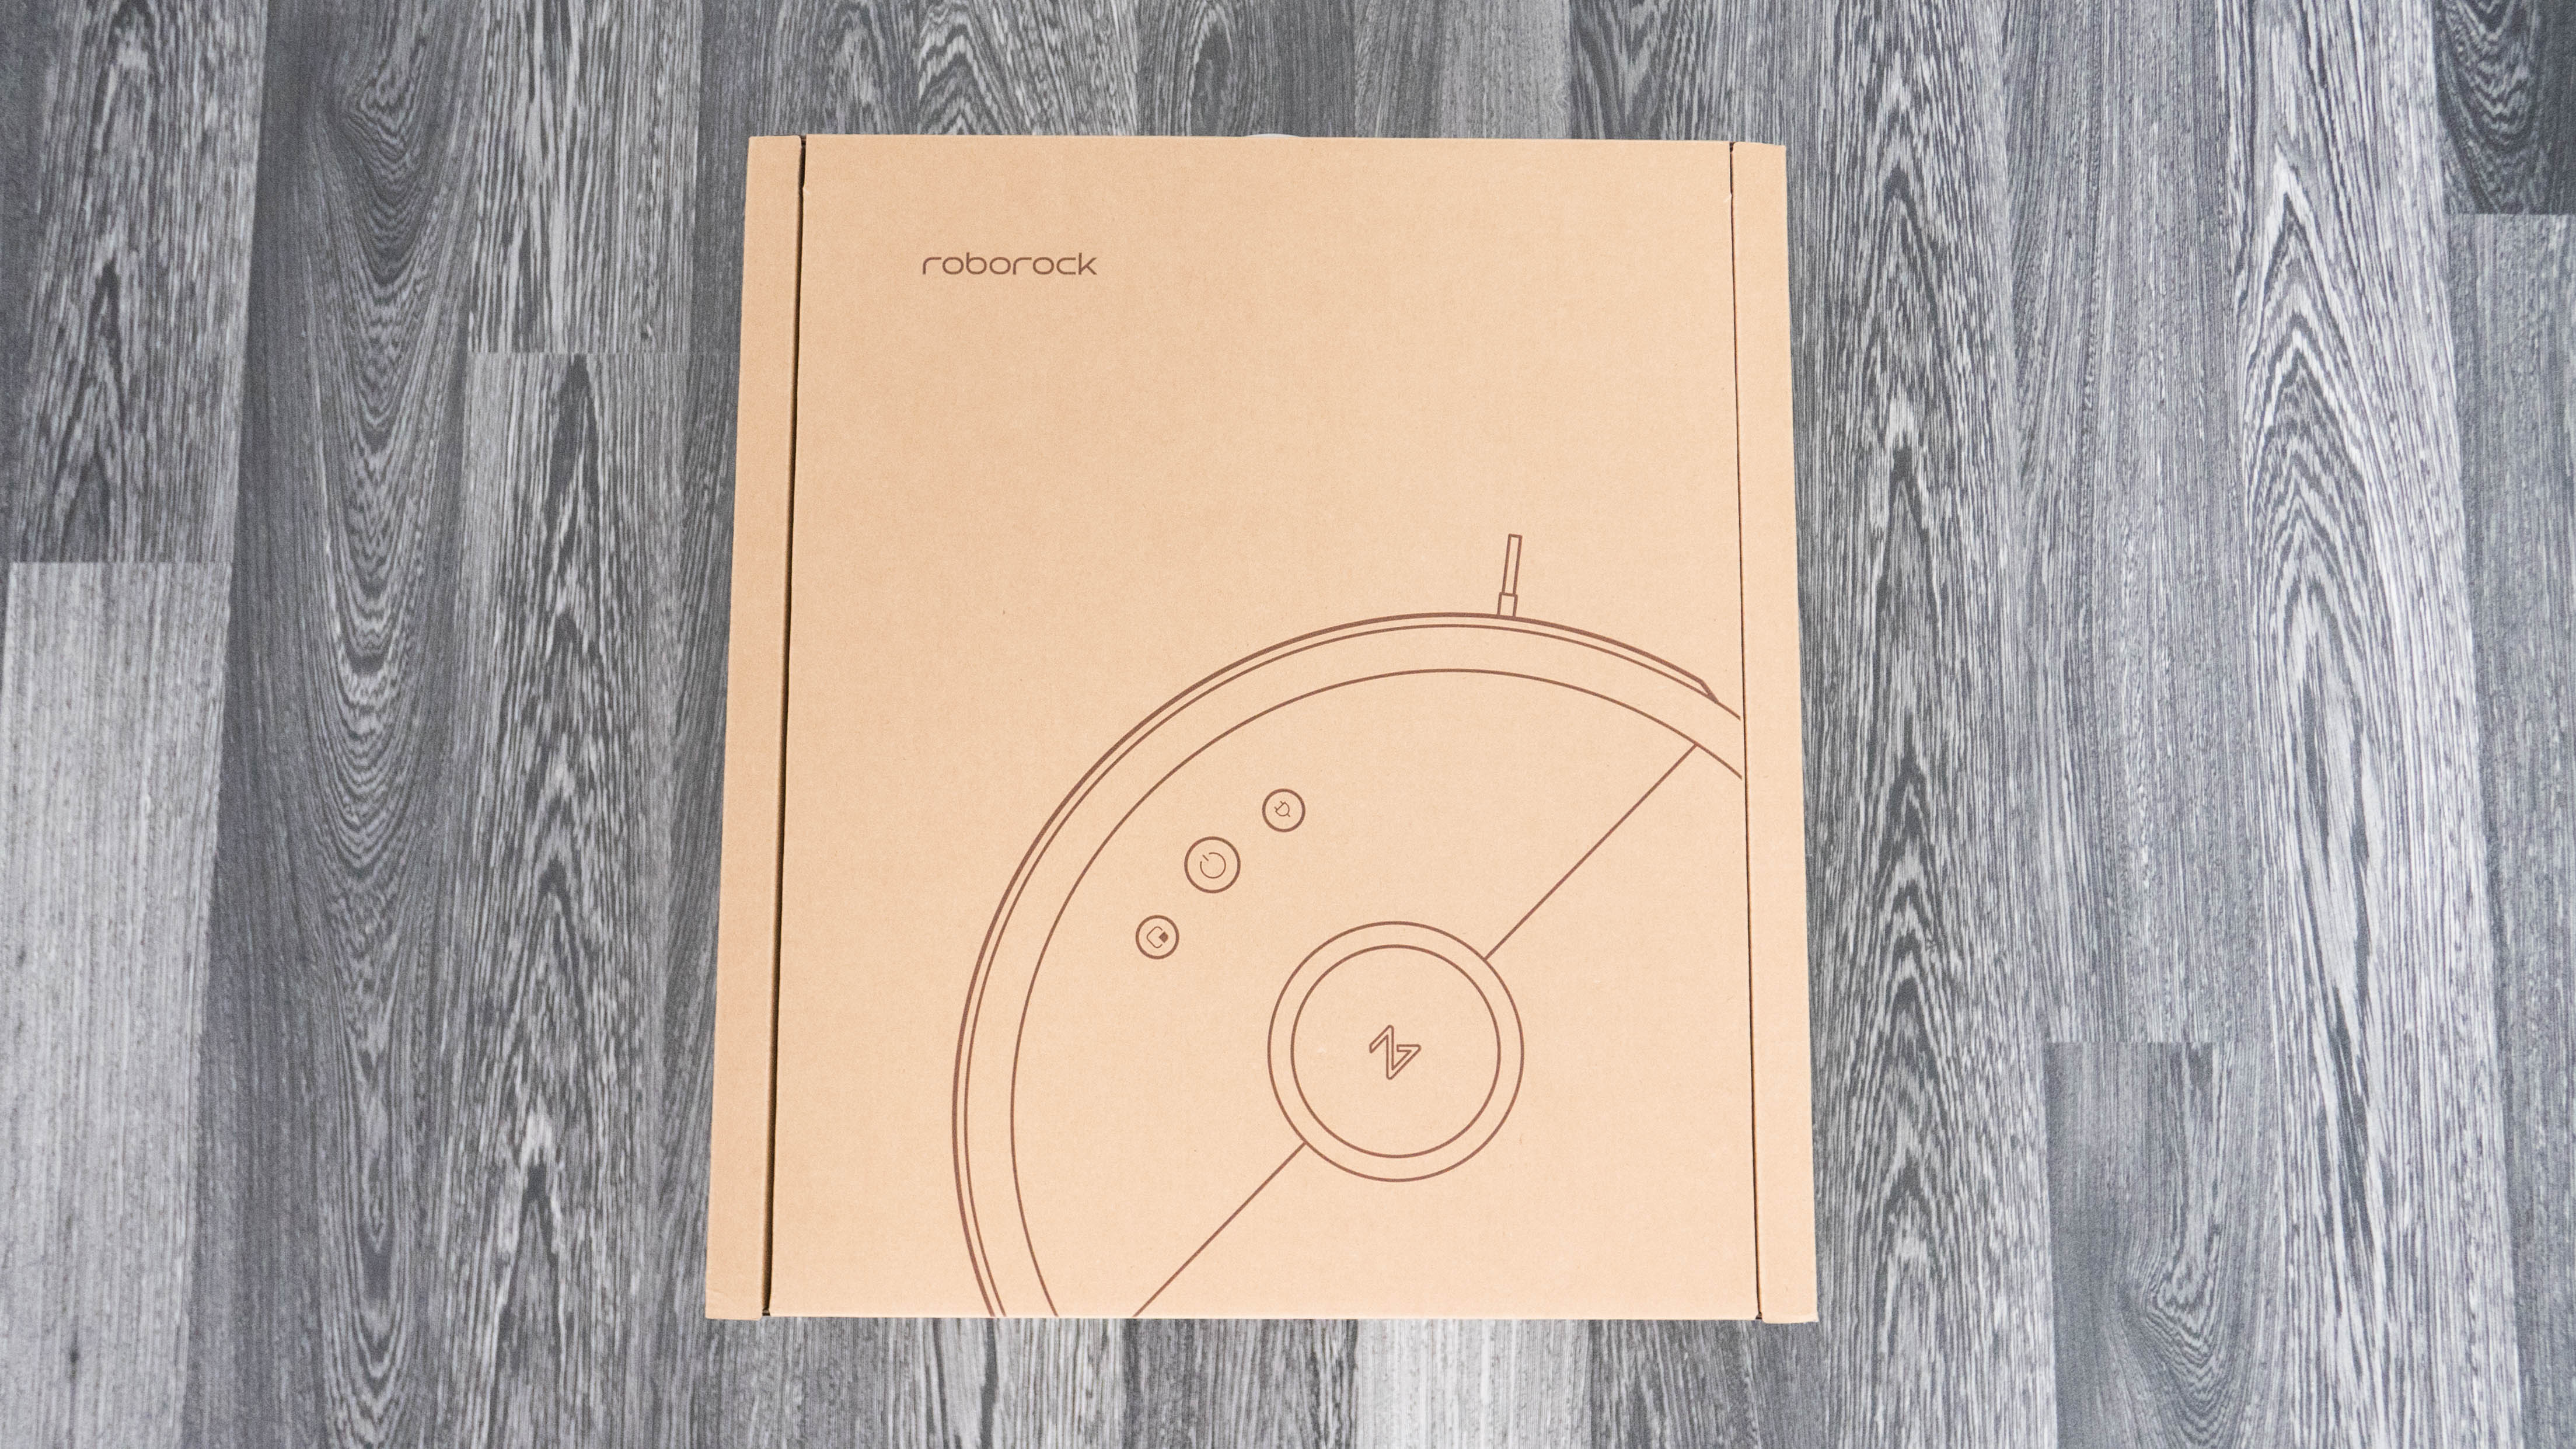 Xiaomi Mi Robot 2 Auspacken 1